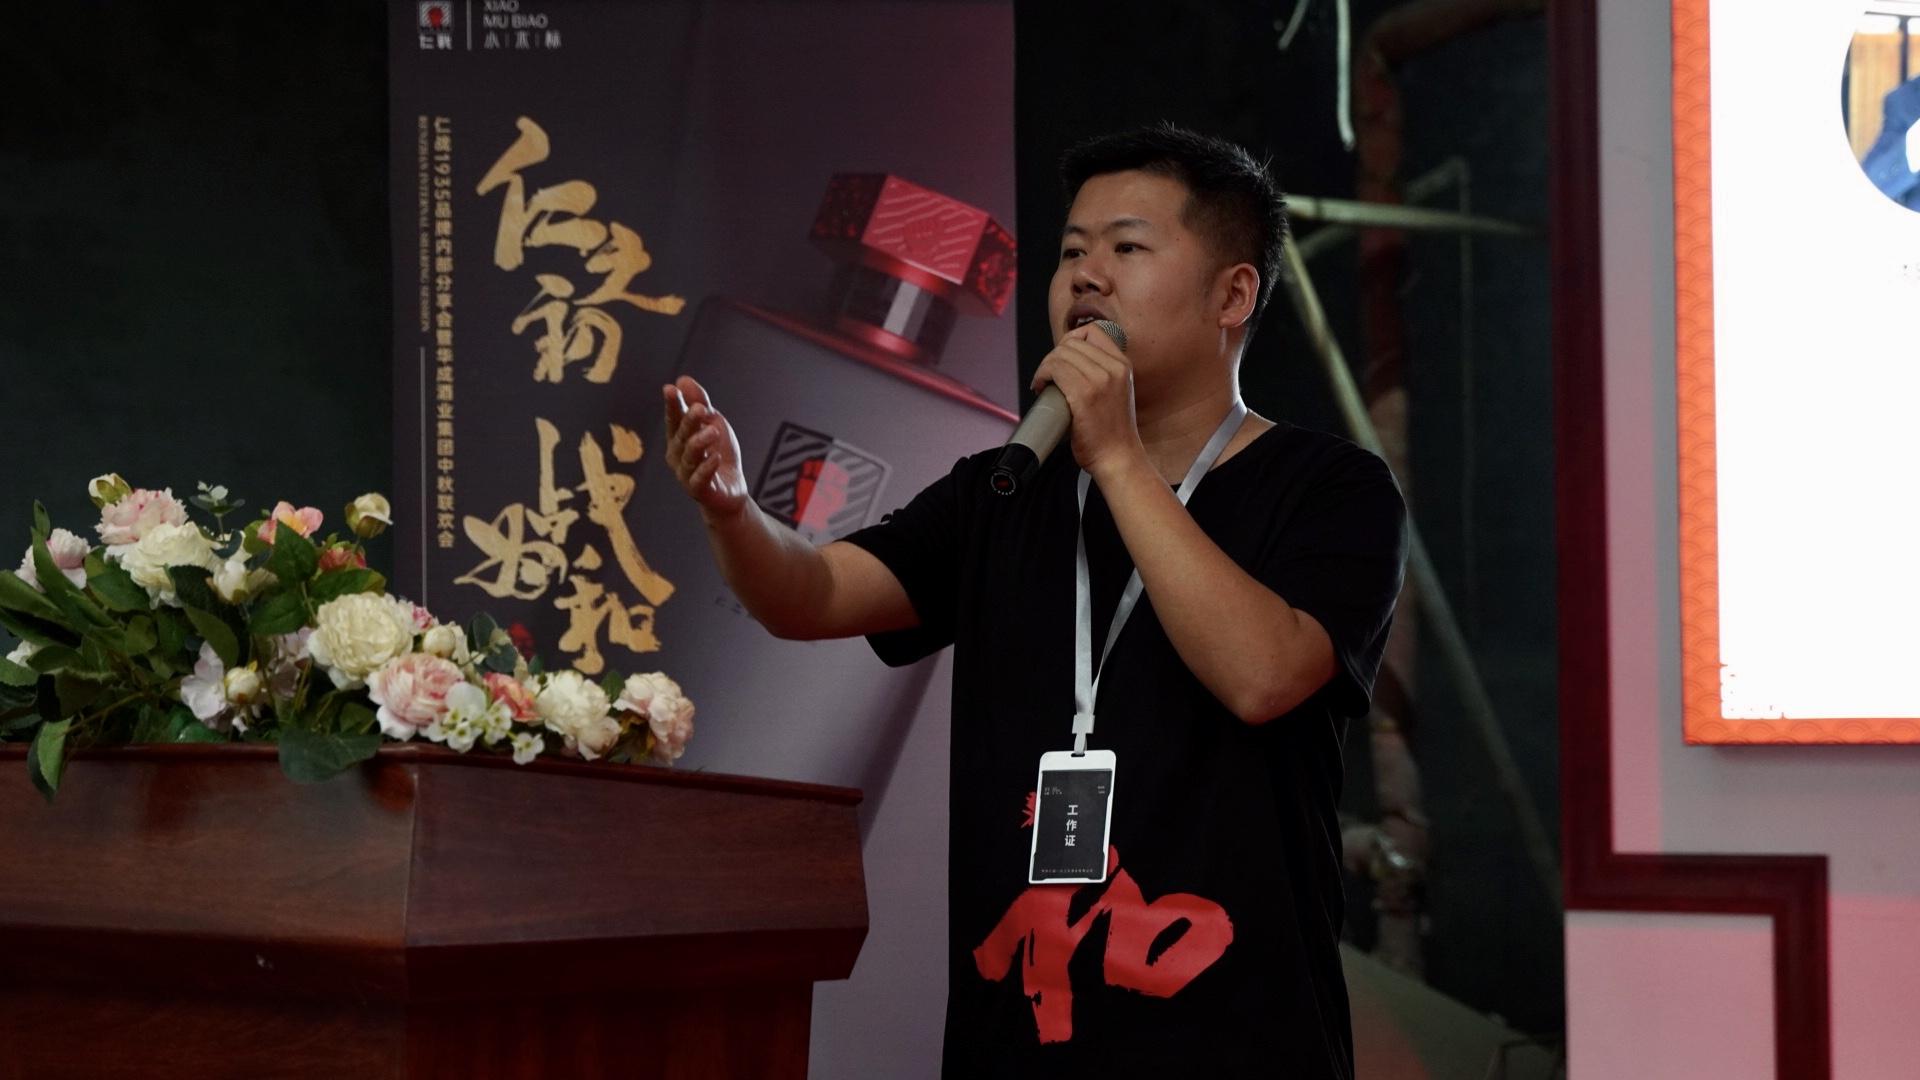 仁战1935酒联合创始人覃程鹏:仁战酒品牌文化思路